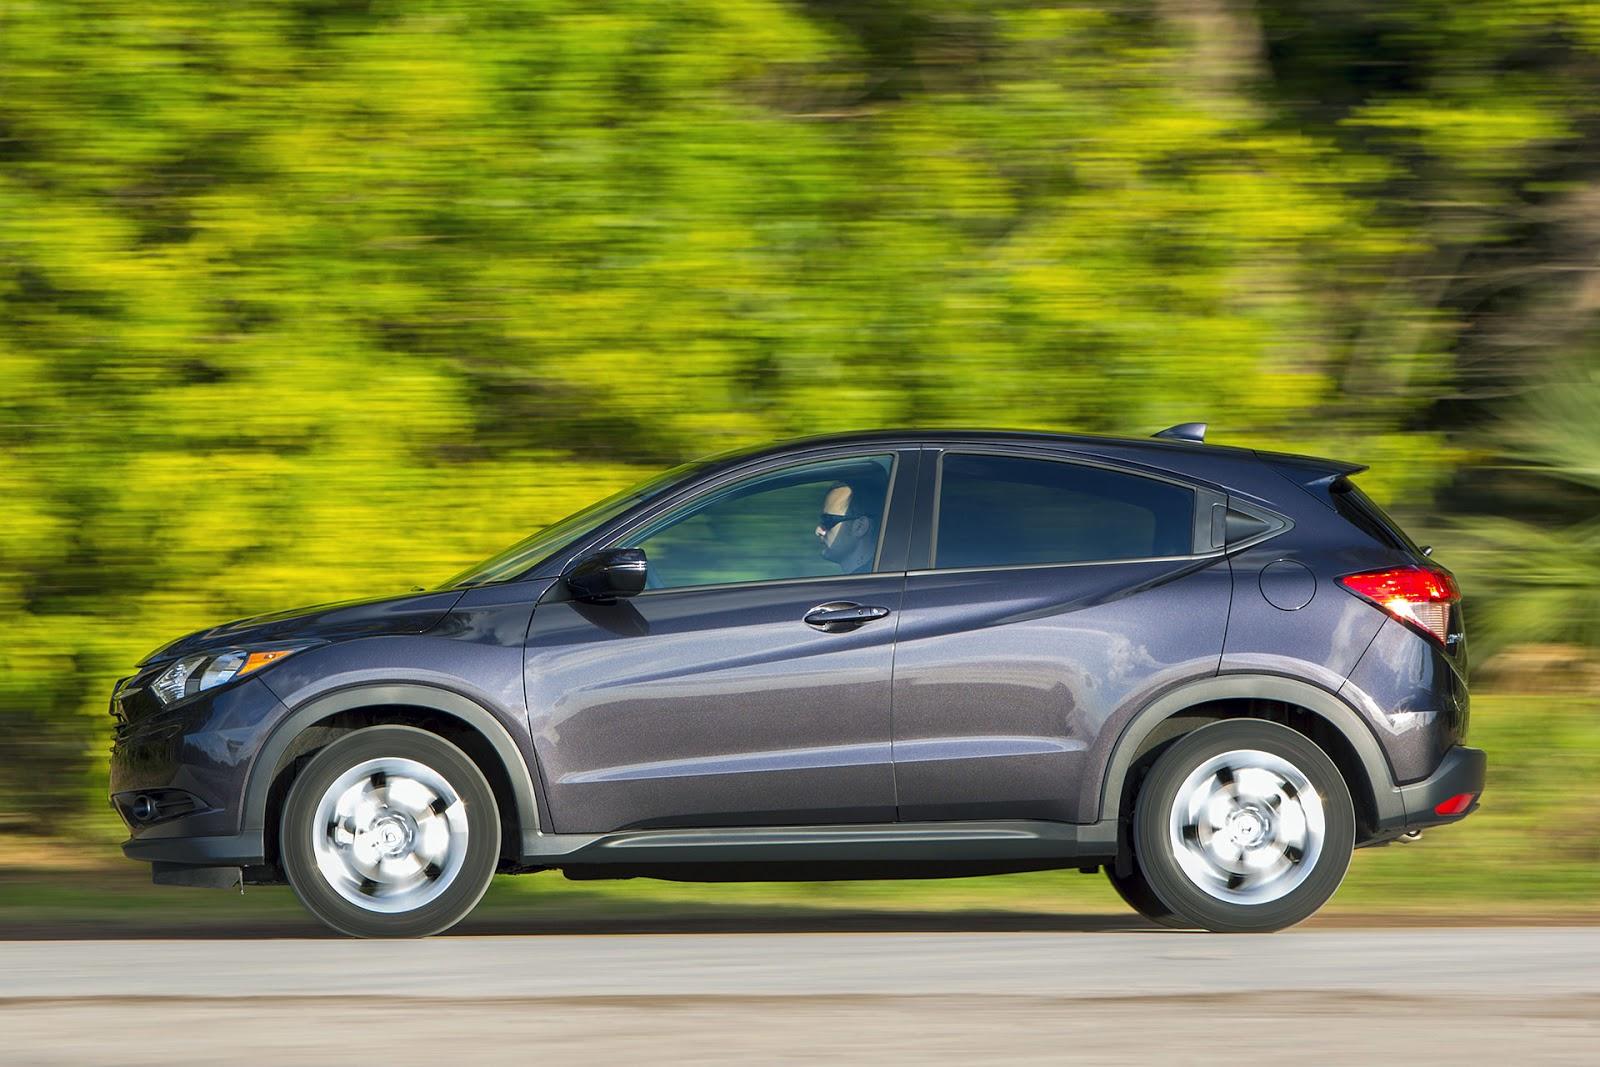 Đánh giá xe Honda HR-V 2016 - CUV cỡ nhỏ đáng gờm